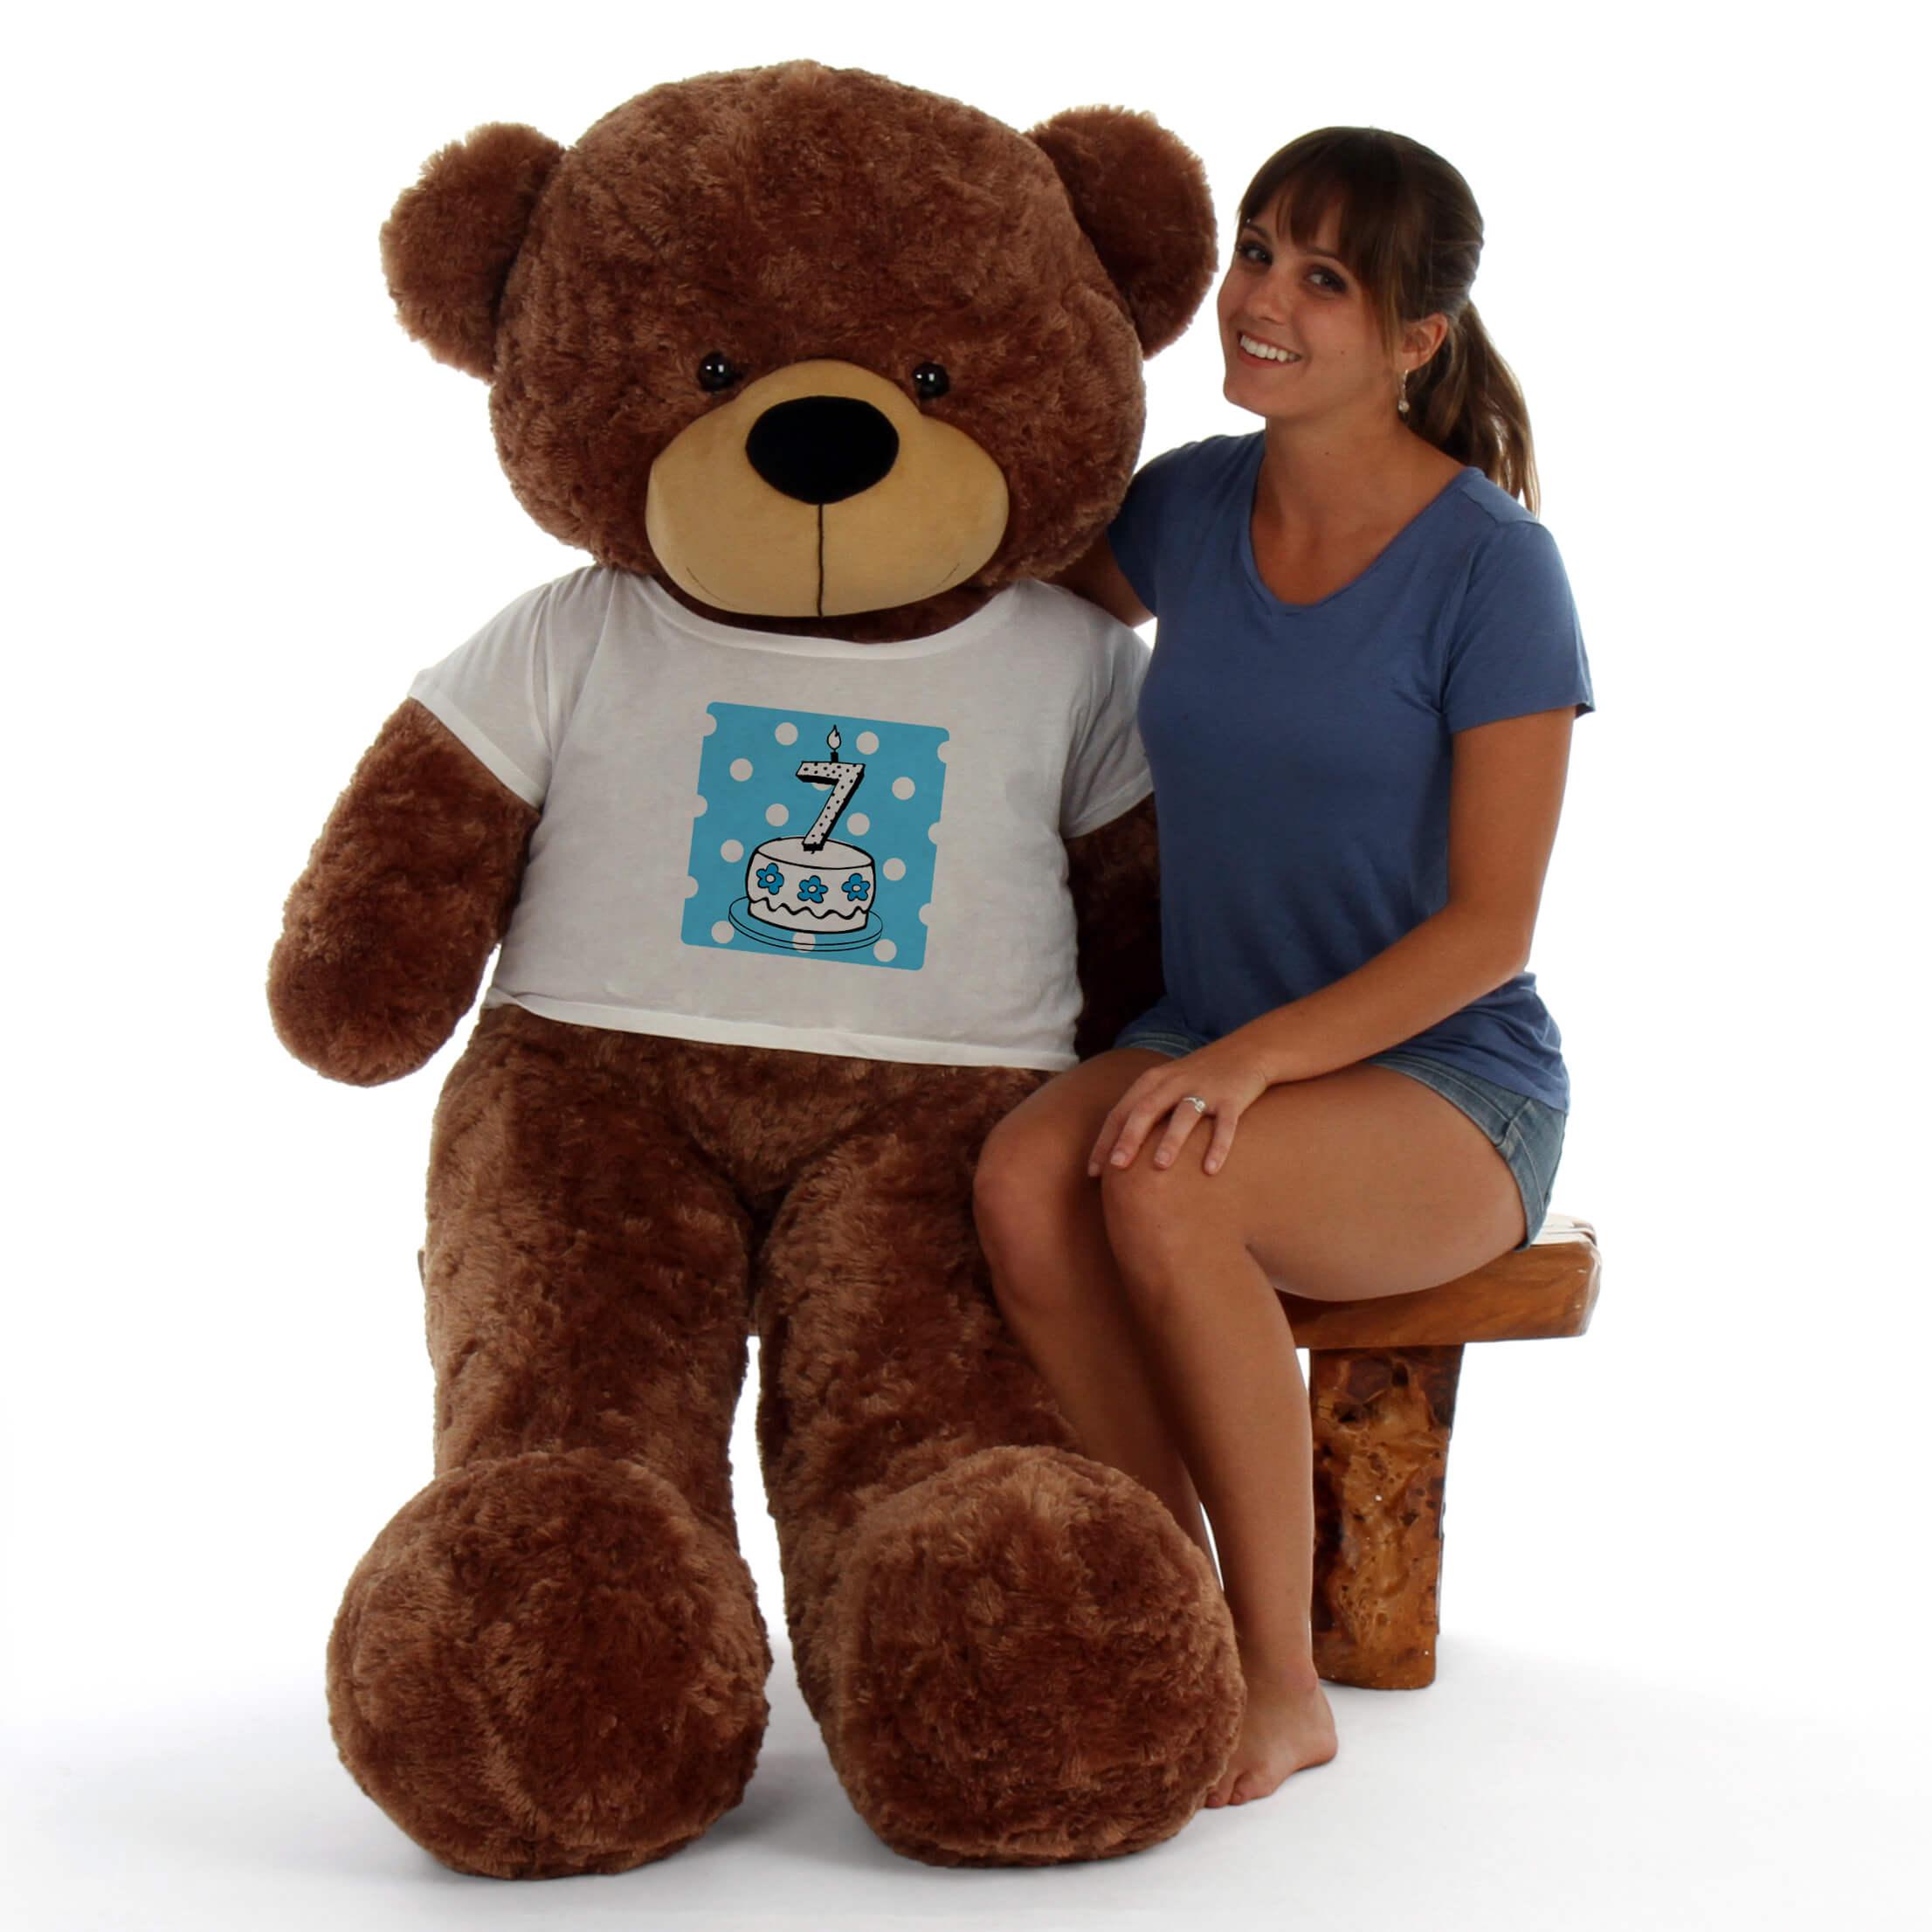 60in-giant-teddy-bear-mocha-brown-sunny-cuddles-in-a-blue-birthday-cake-t-shirt.jpg